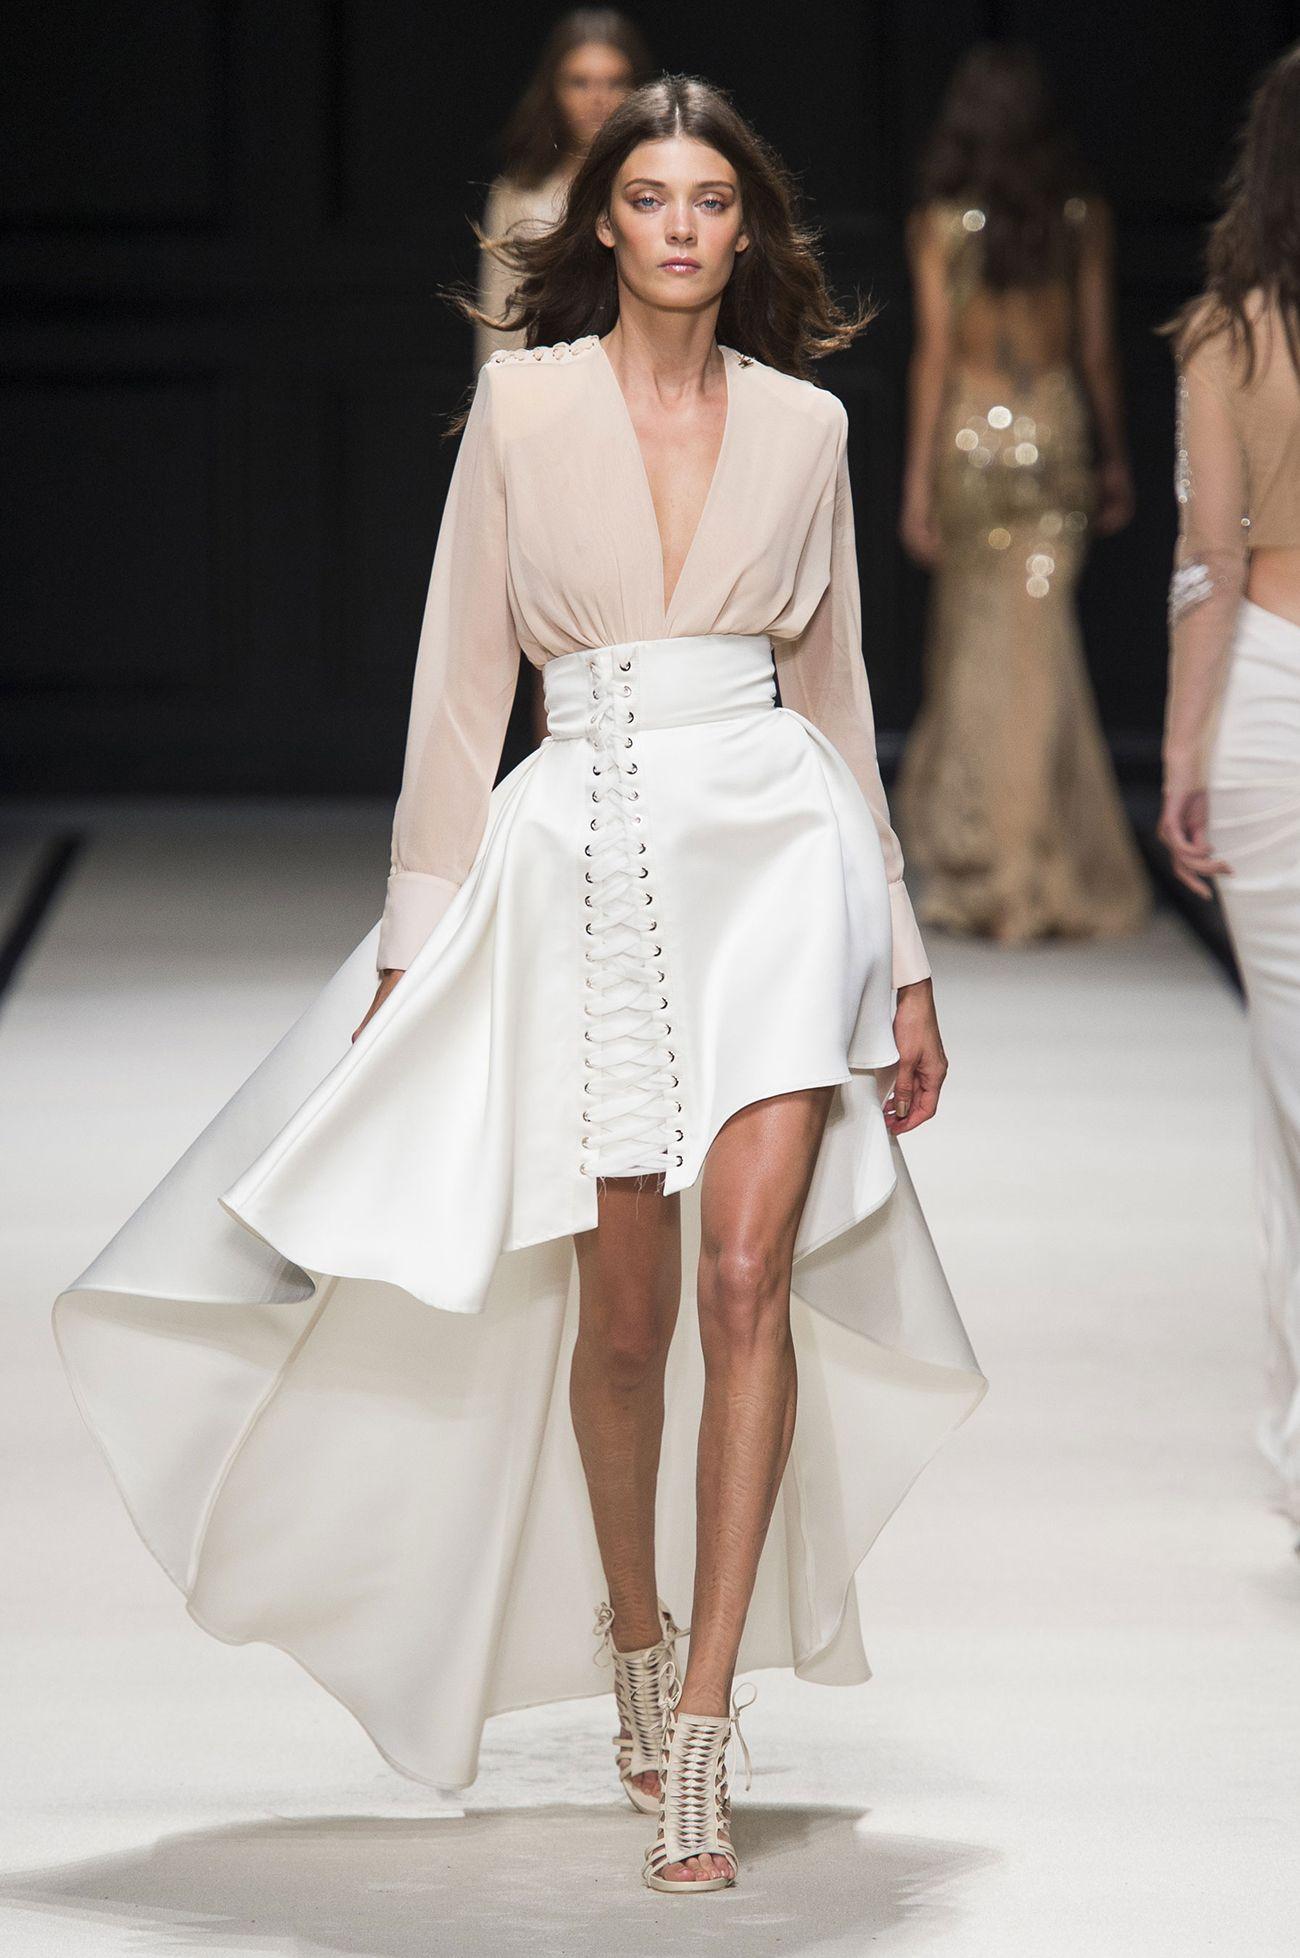 new product 4e687 00e6c Sfilata primavera estate 2016 -cosmopolitan.it | Catwalk ...